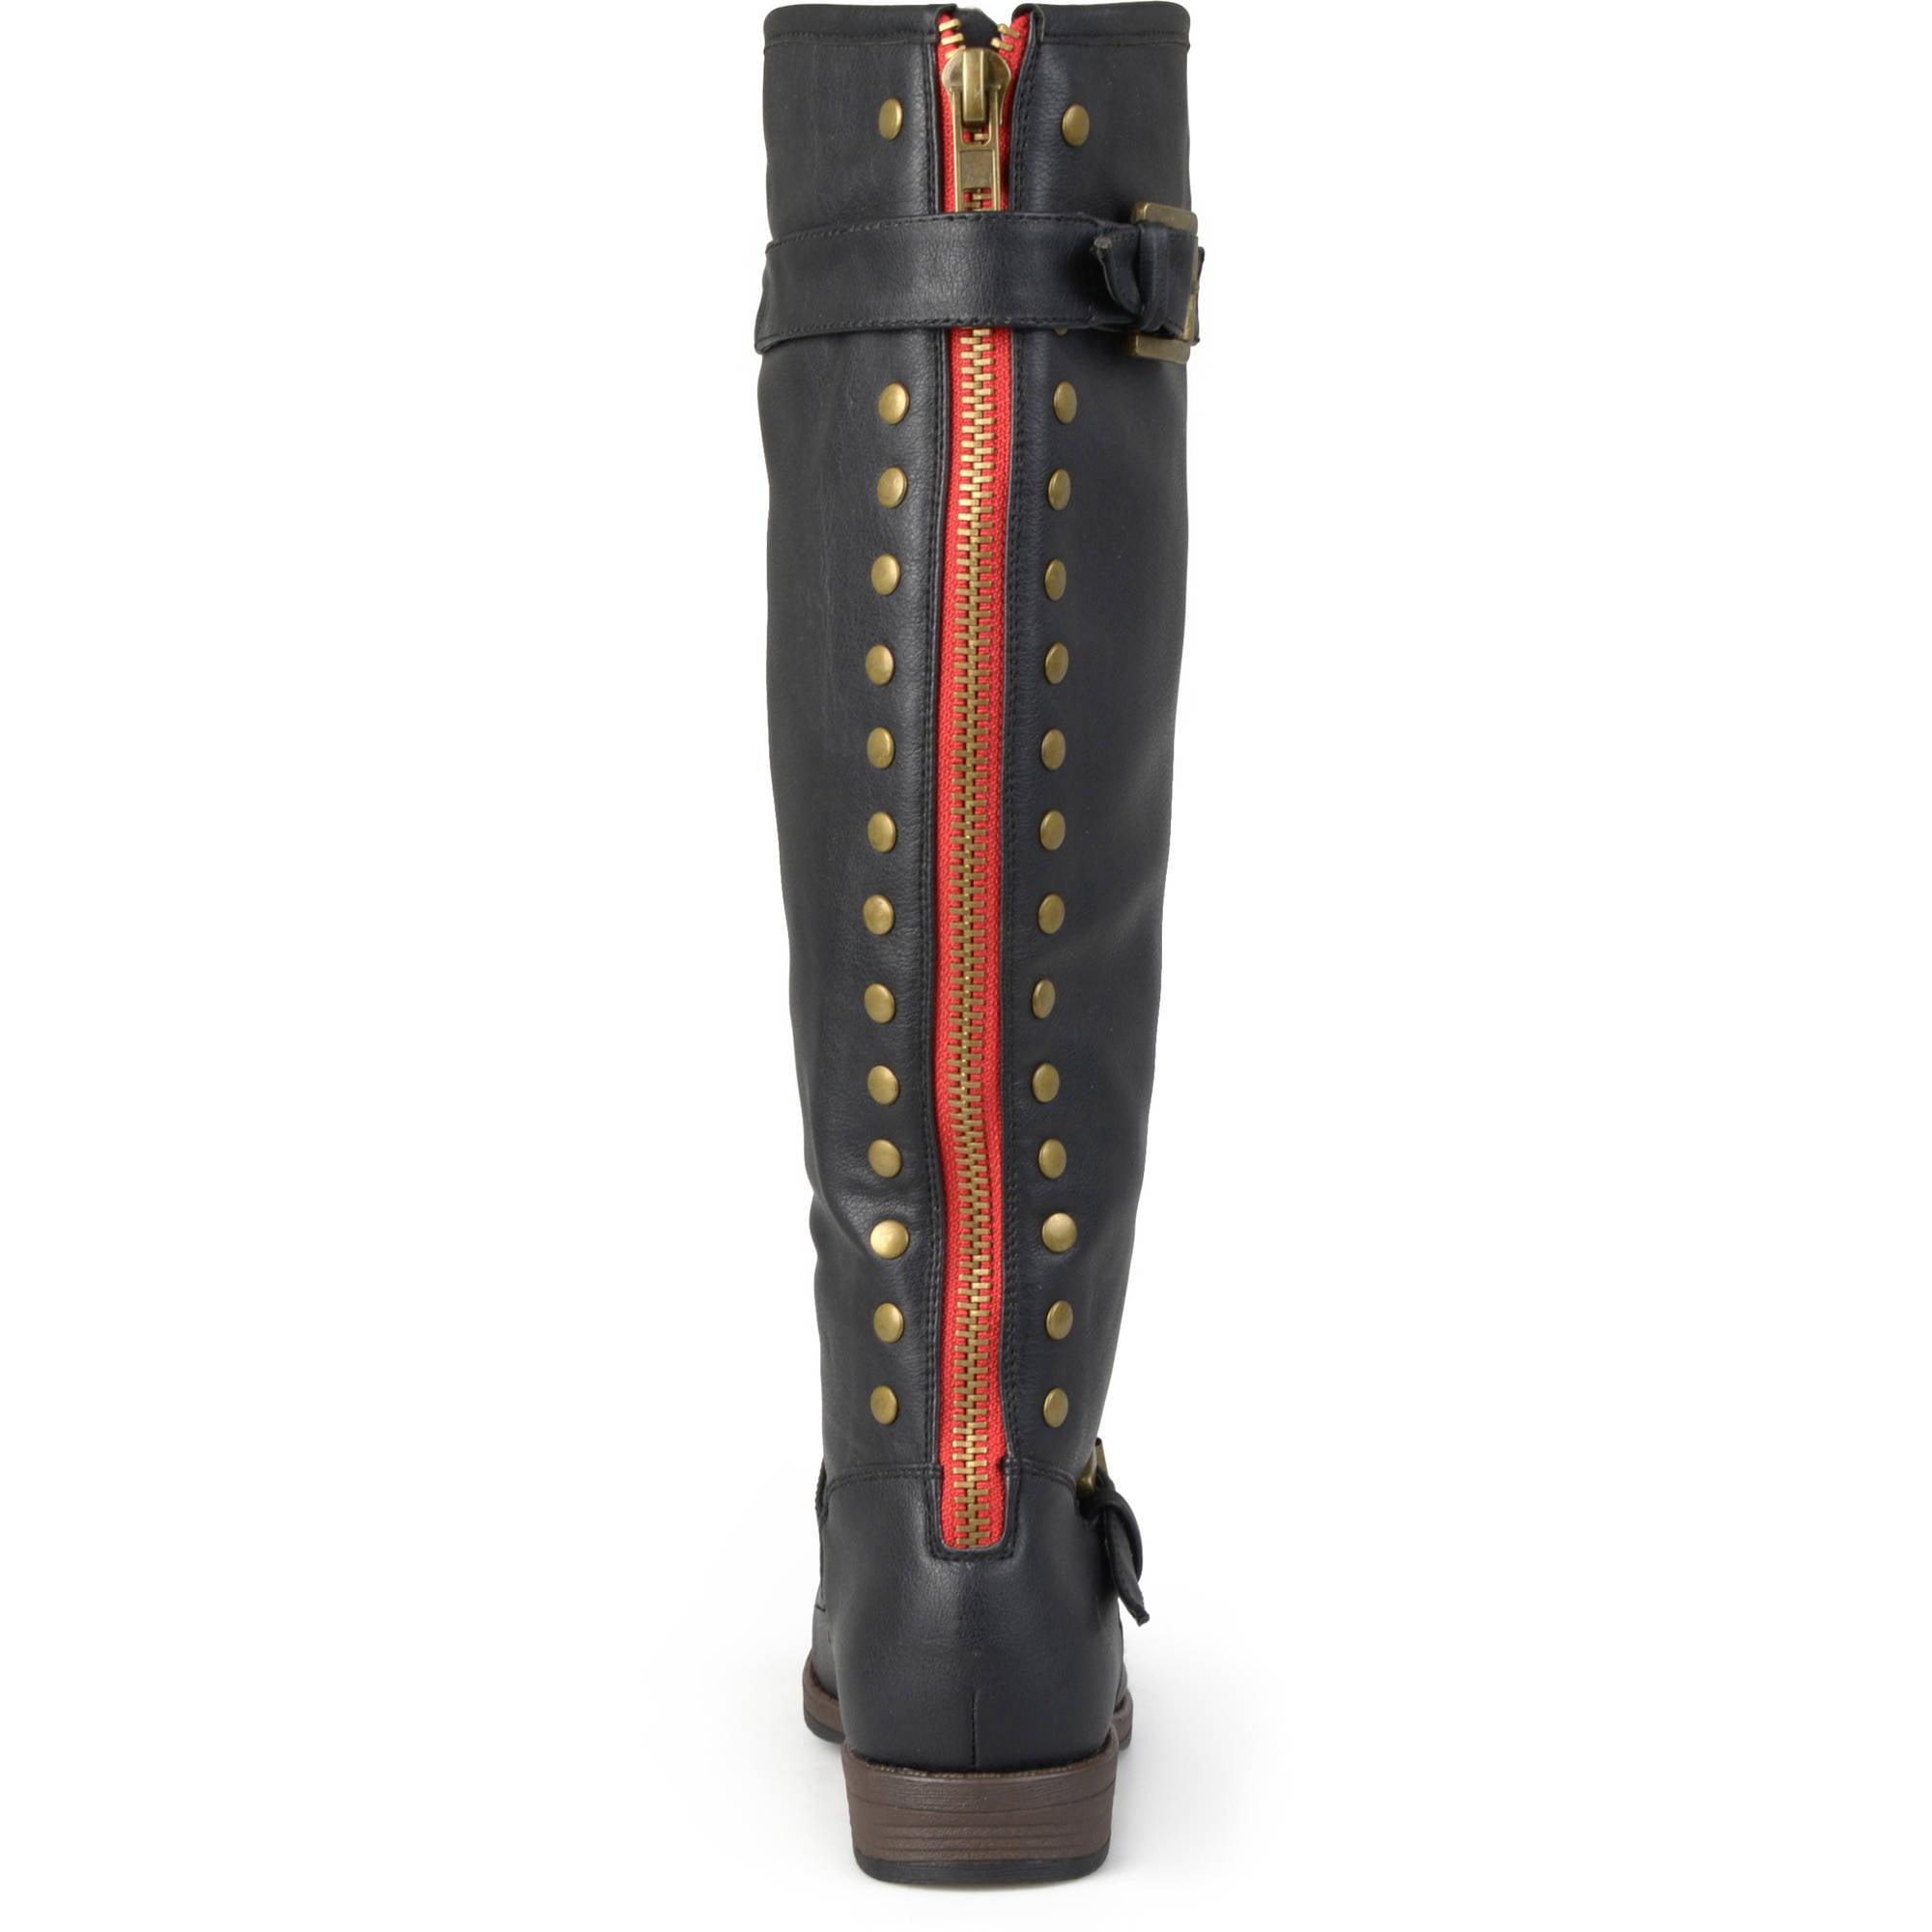 aacd5236a4de Brinley Co. - Women s Extra Wide Calf Knee-high Studded Riding Boots -  Walmart.com